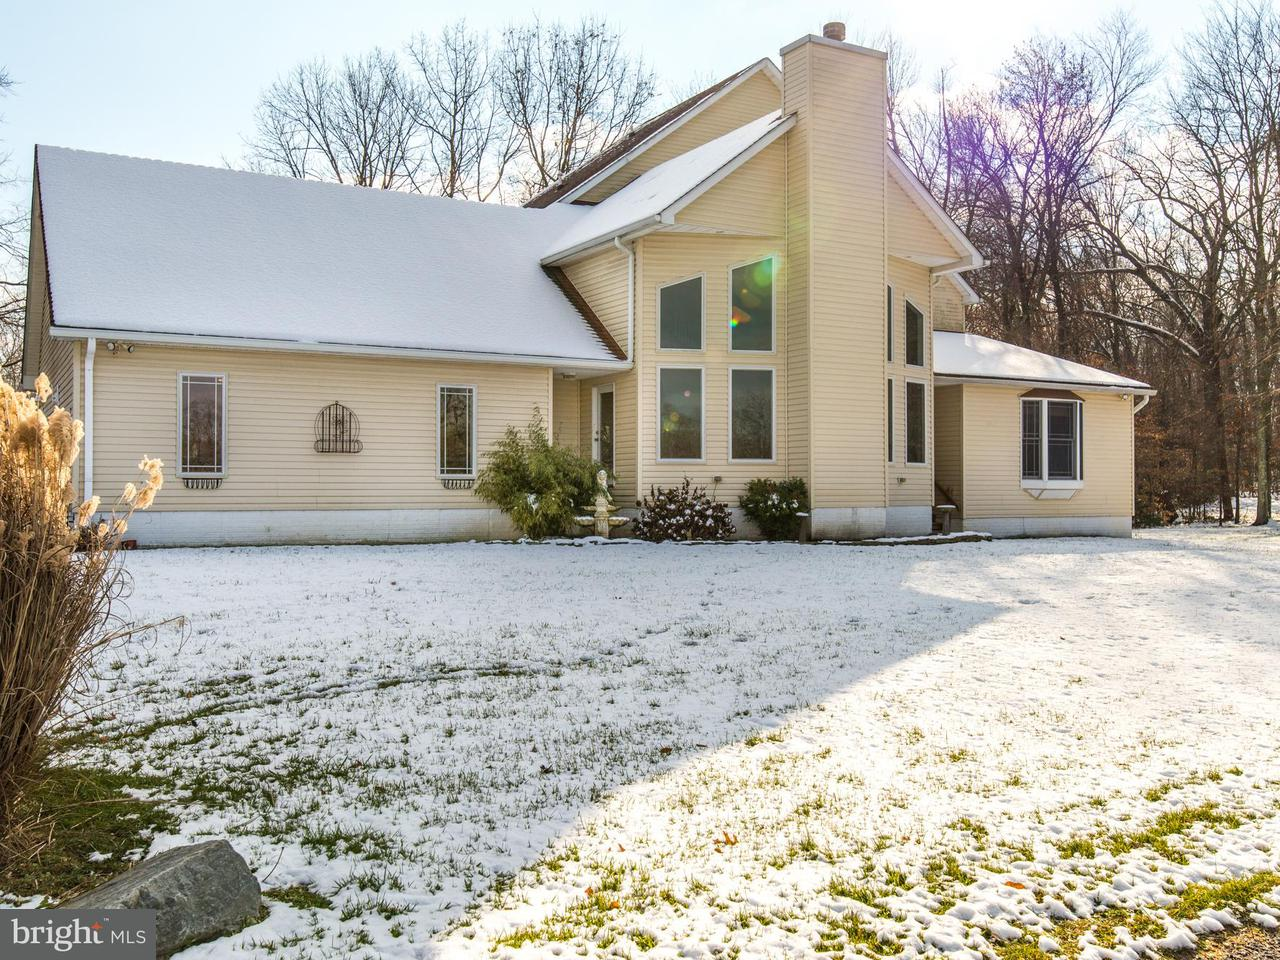 Casa Unifamiliar por un Venta en 11309 ARBUTUS Avenue 11309 ARBUTUS Avenue Kingsville, Maryland 21087 Estados Unidos